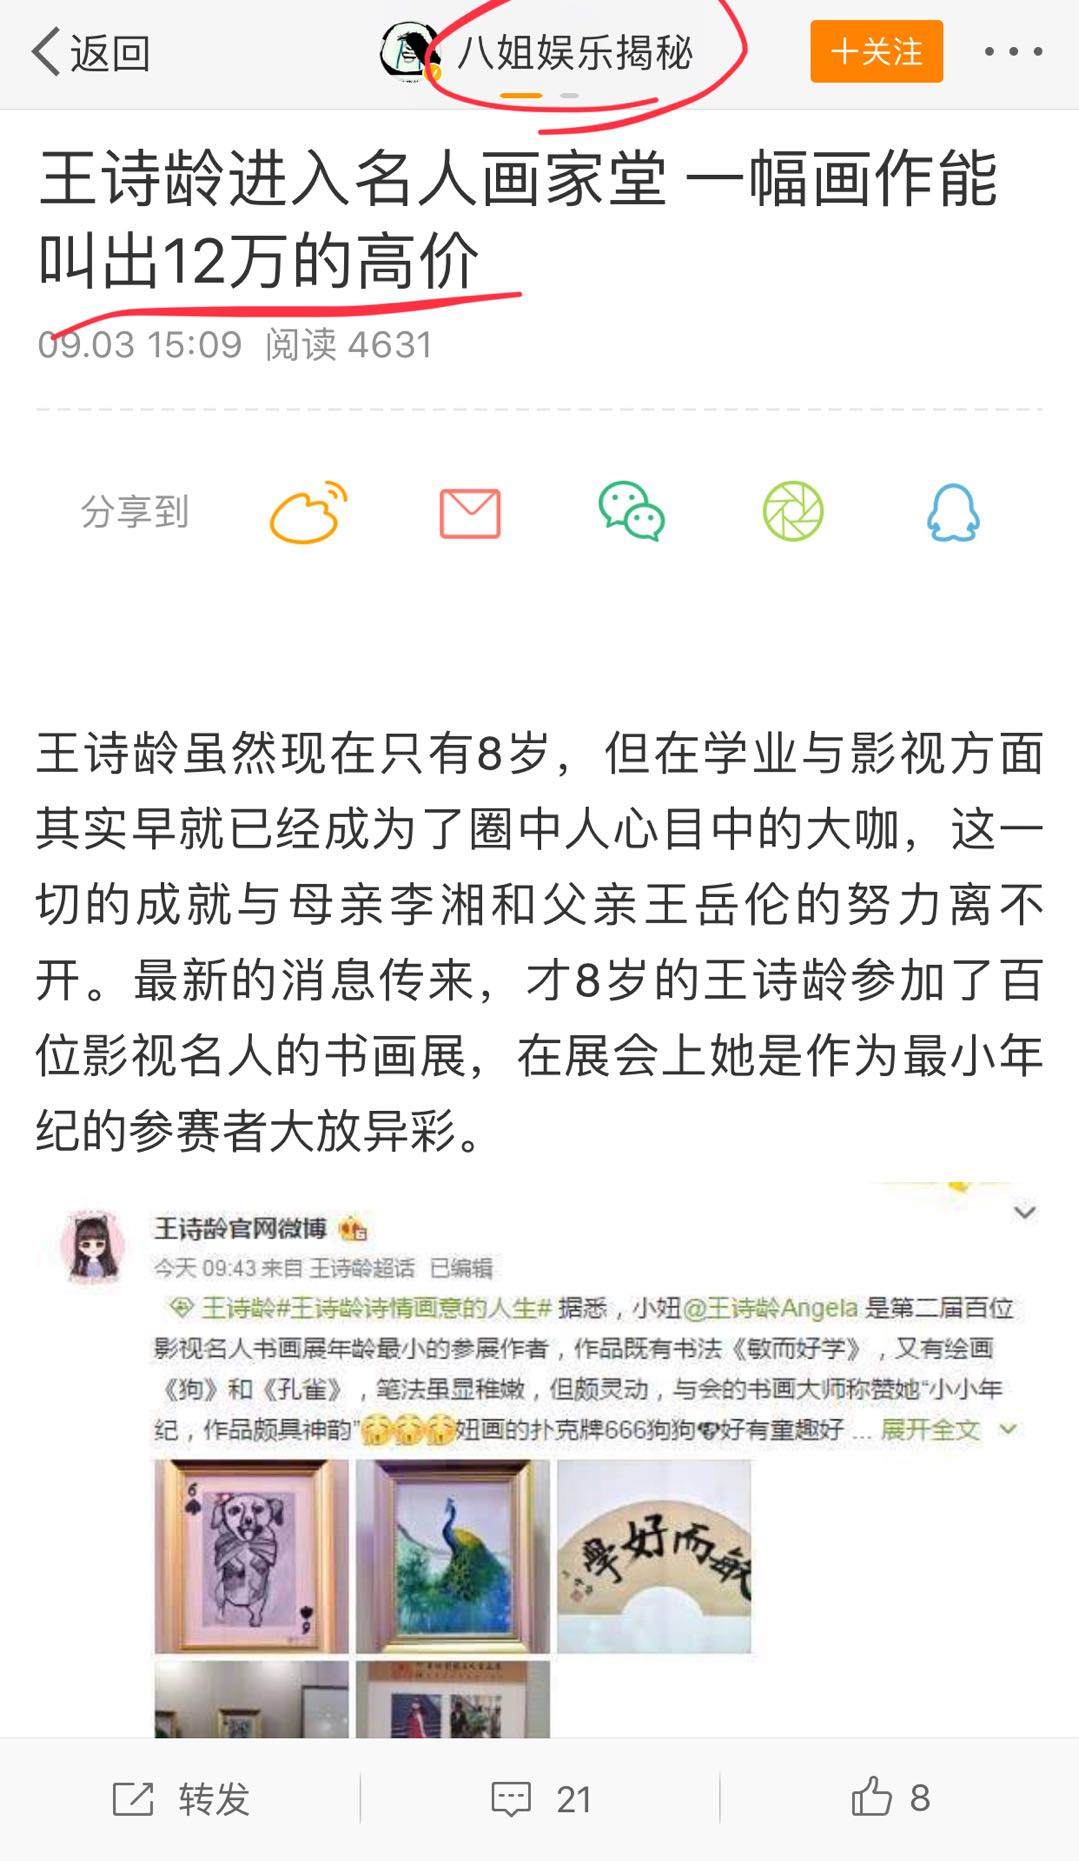 书画展于月仙抢刘晓庆风头,李湘女儿王诗龄的画据传要卖10万!